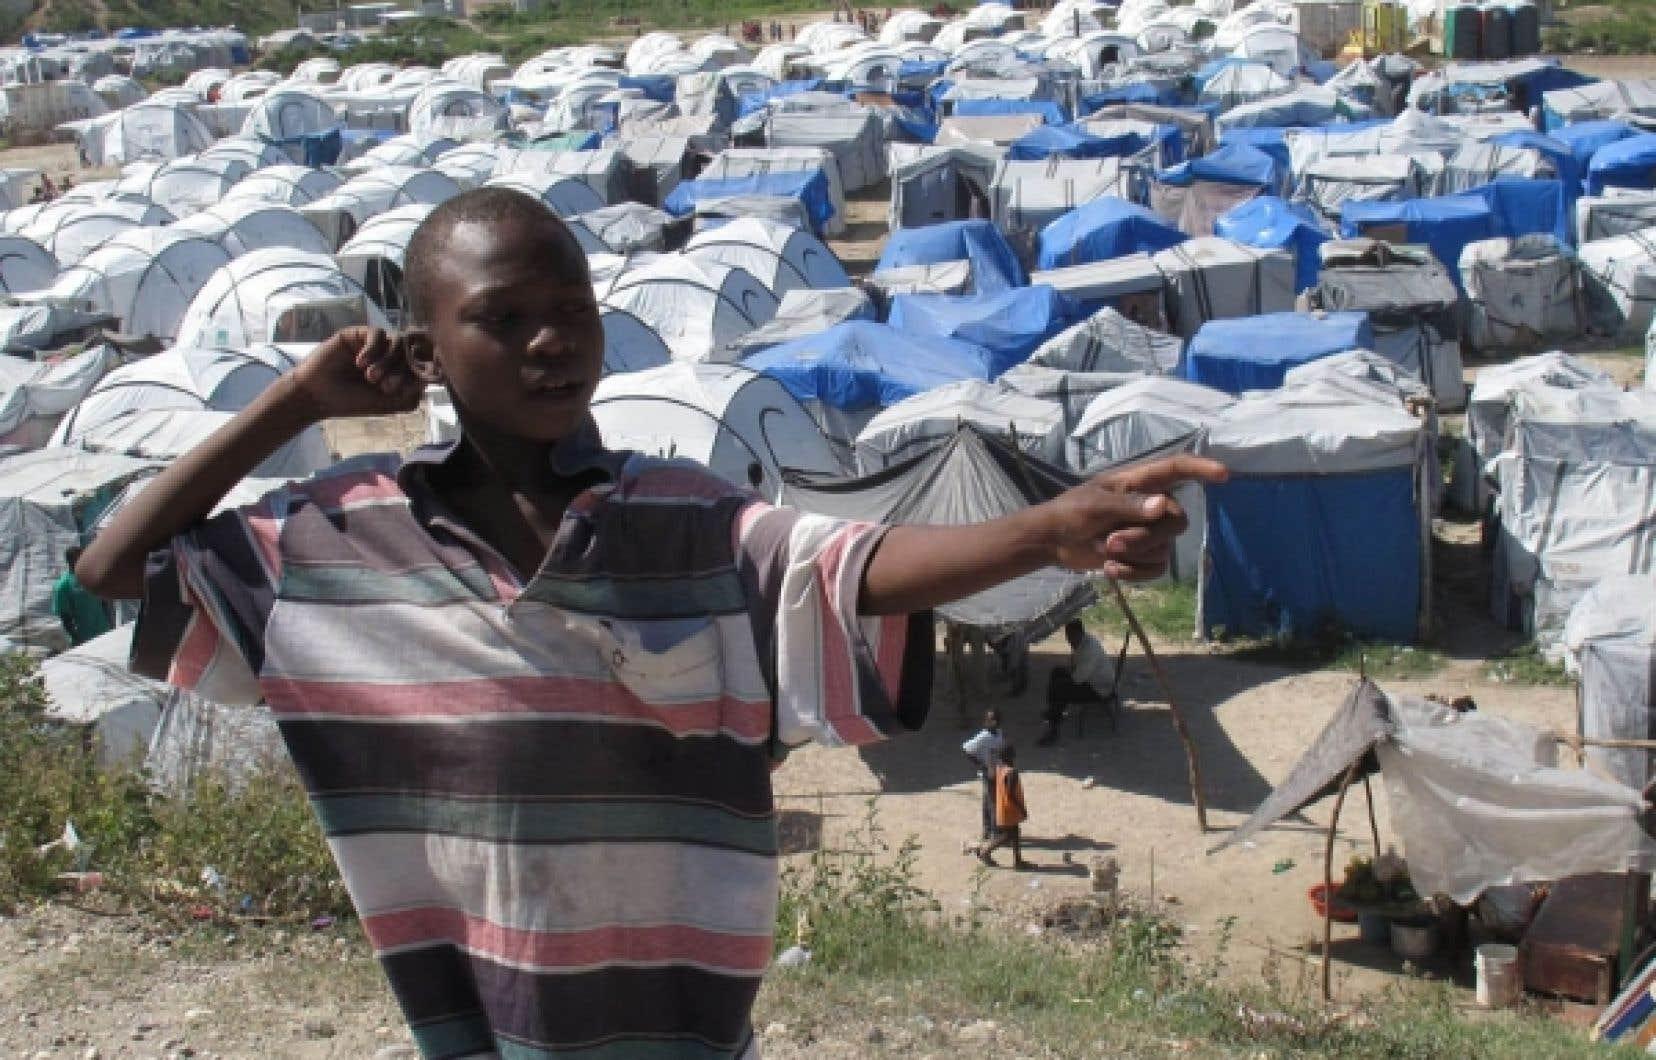 Haïti - Le règne des tentes n'est pas terminé | Le Devoir